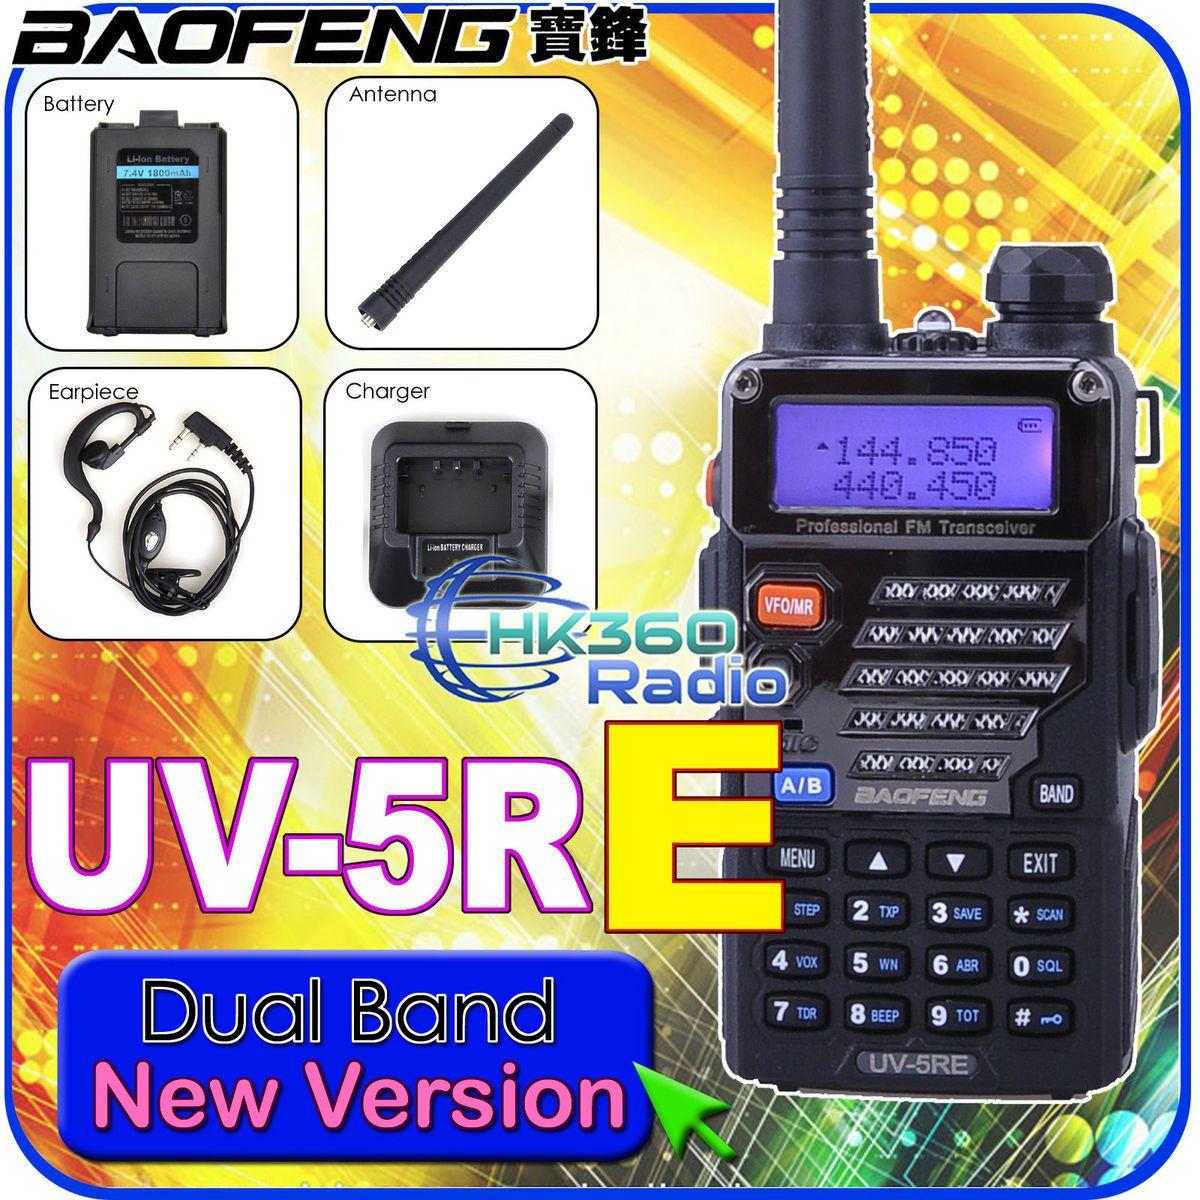 BAOFENG UV 5R E 136 174/400 480 MHZ New Version Dual Band U/V Radio